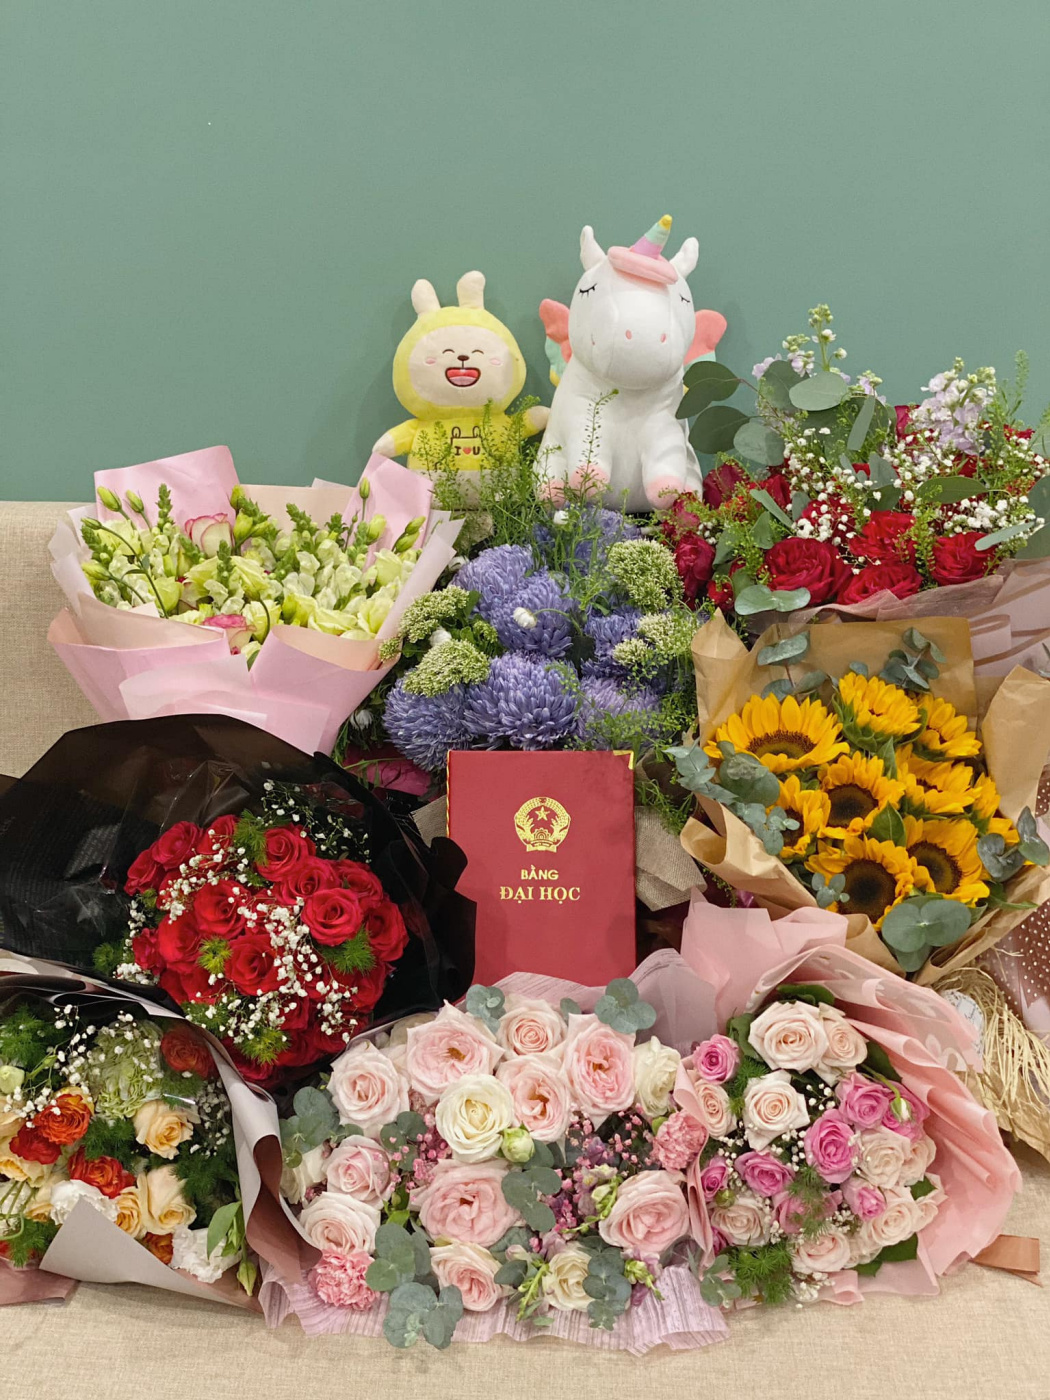 Van Viet. Teddy bears and flowers